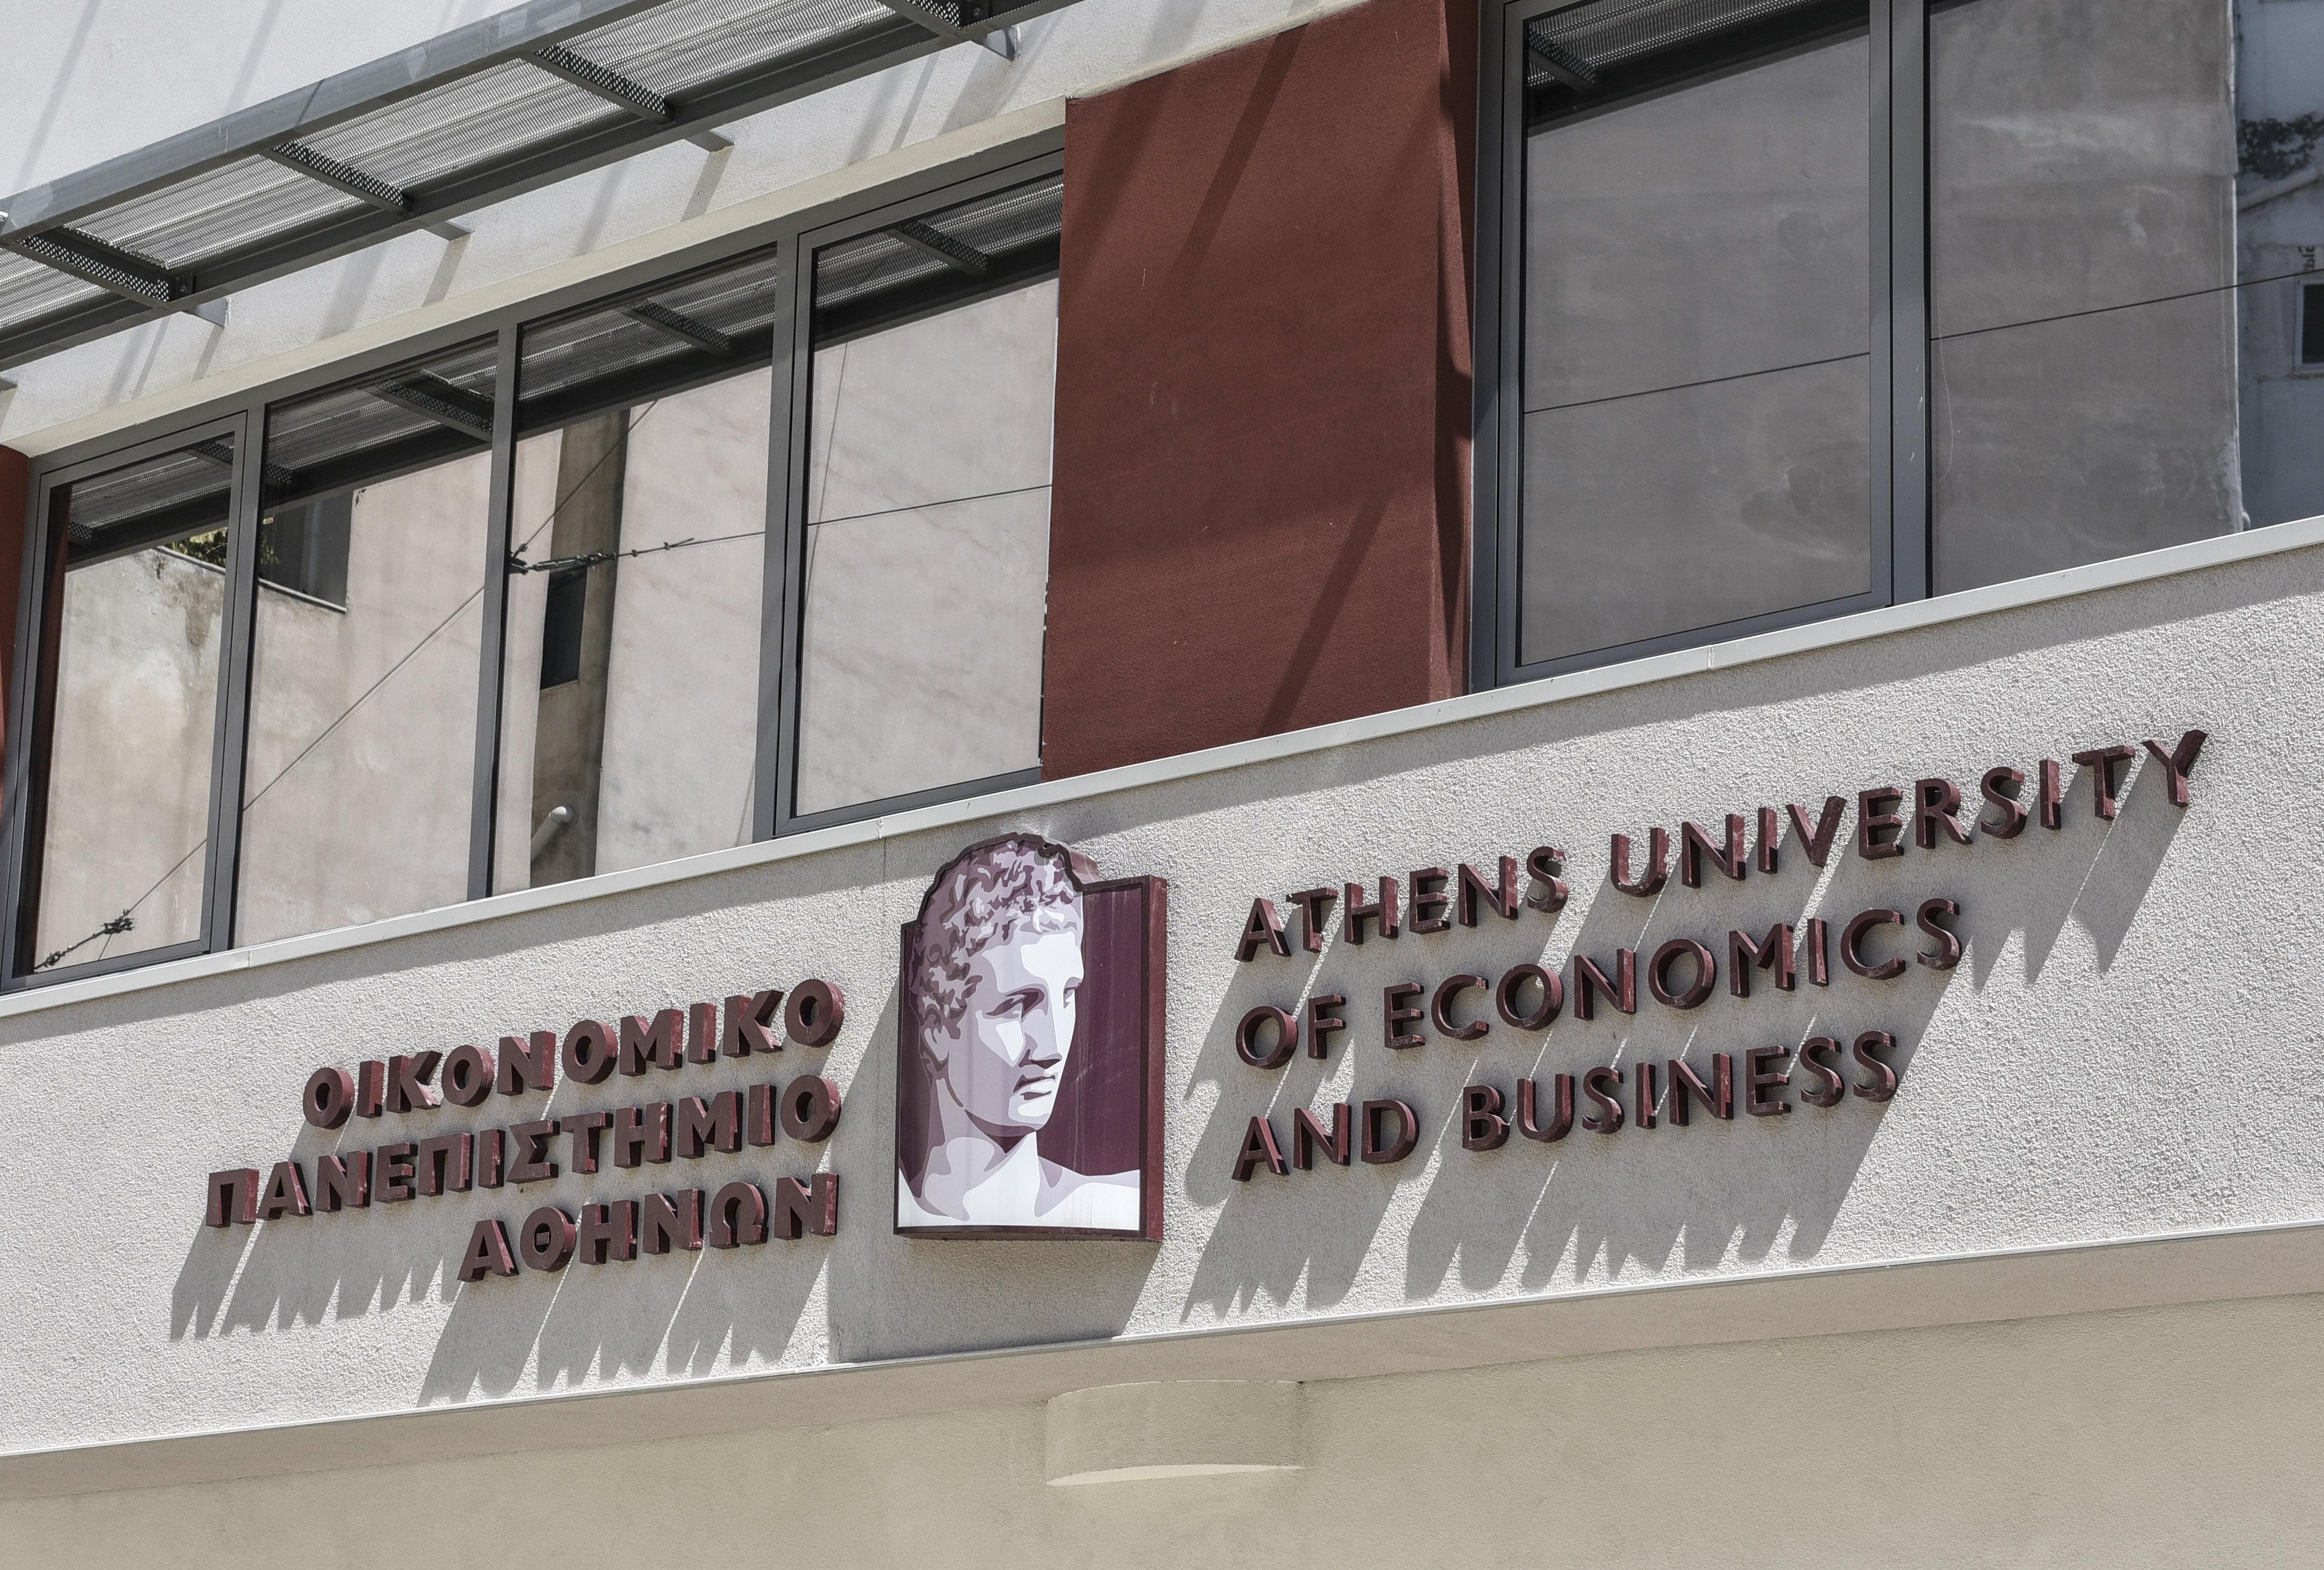 Στα 15 καλύτερα μεταπτυχιακά της Ευρώπης ένα από τα προγράμματα του Οικονομικού Πανεπιστημίου Αθηνών